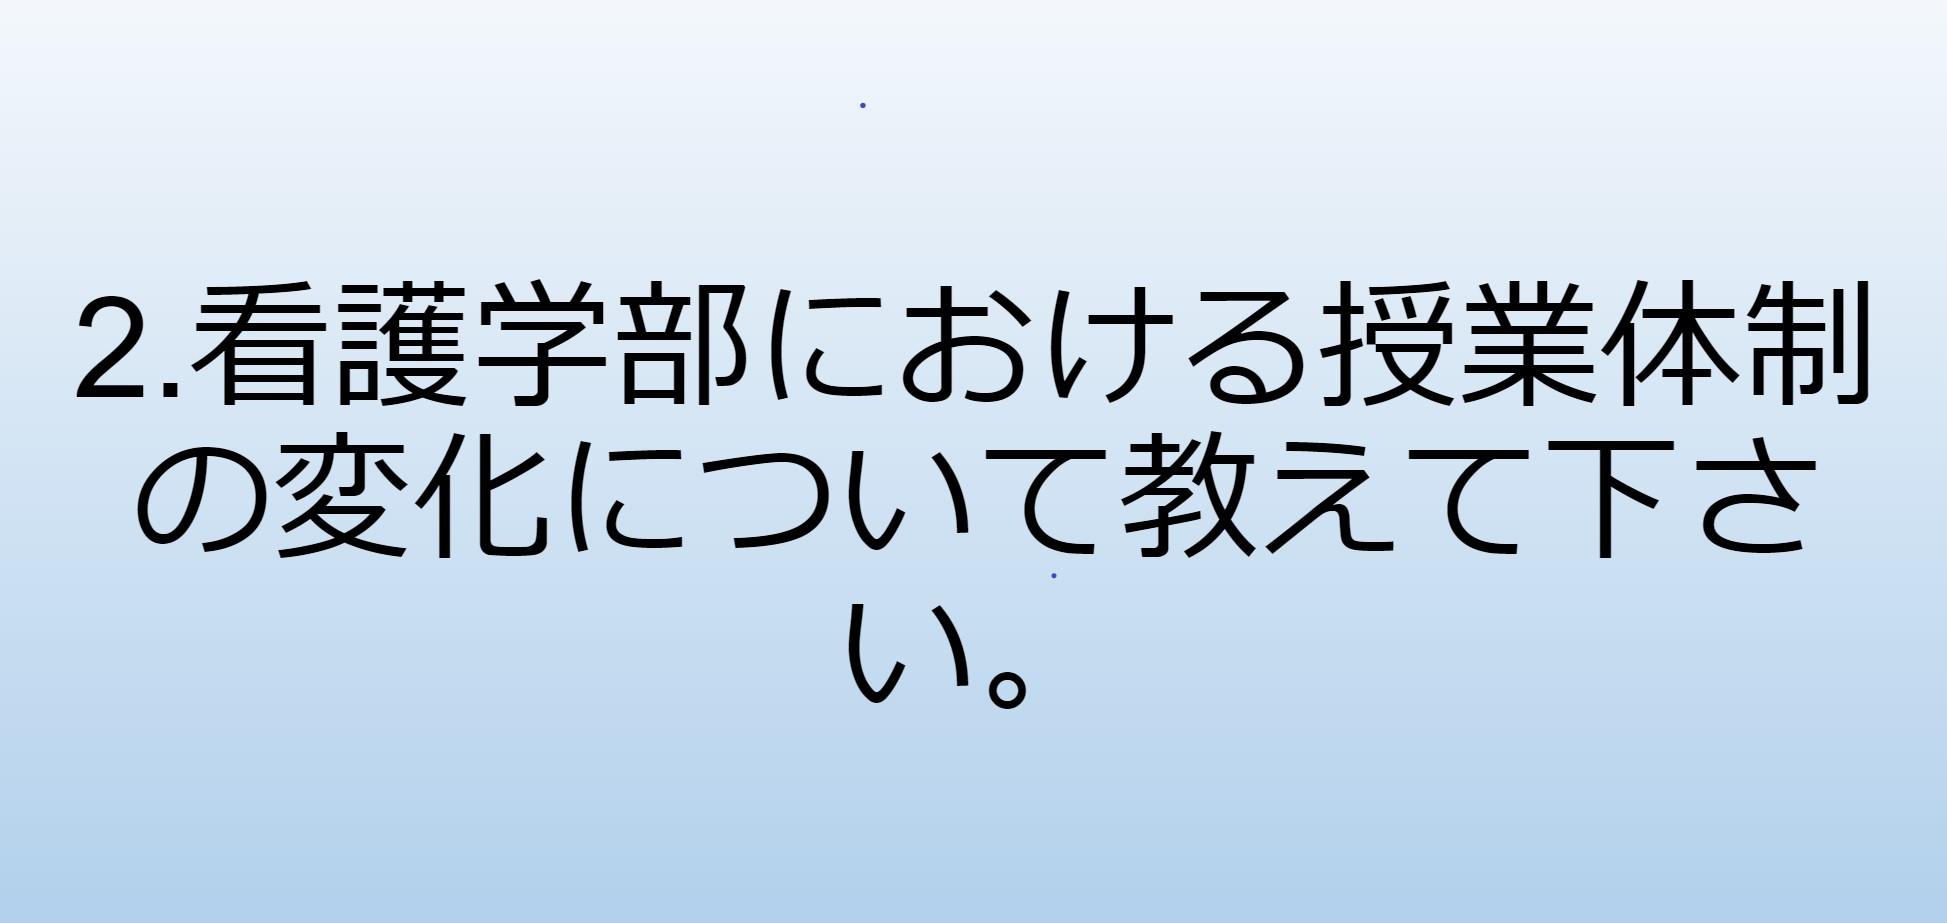 スクリーンショット (23).jpg